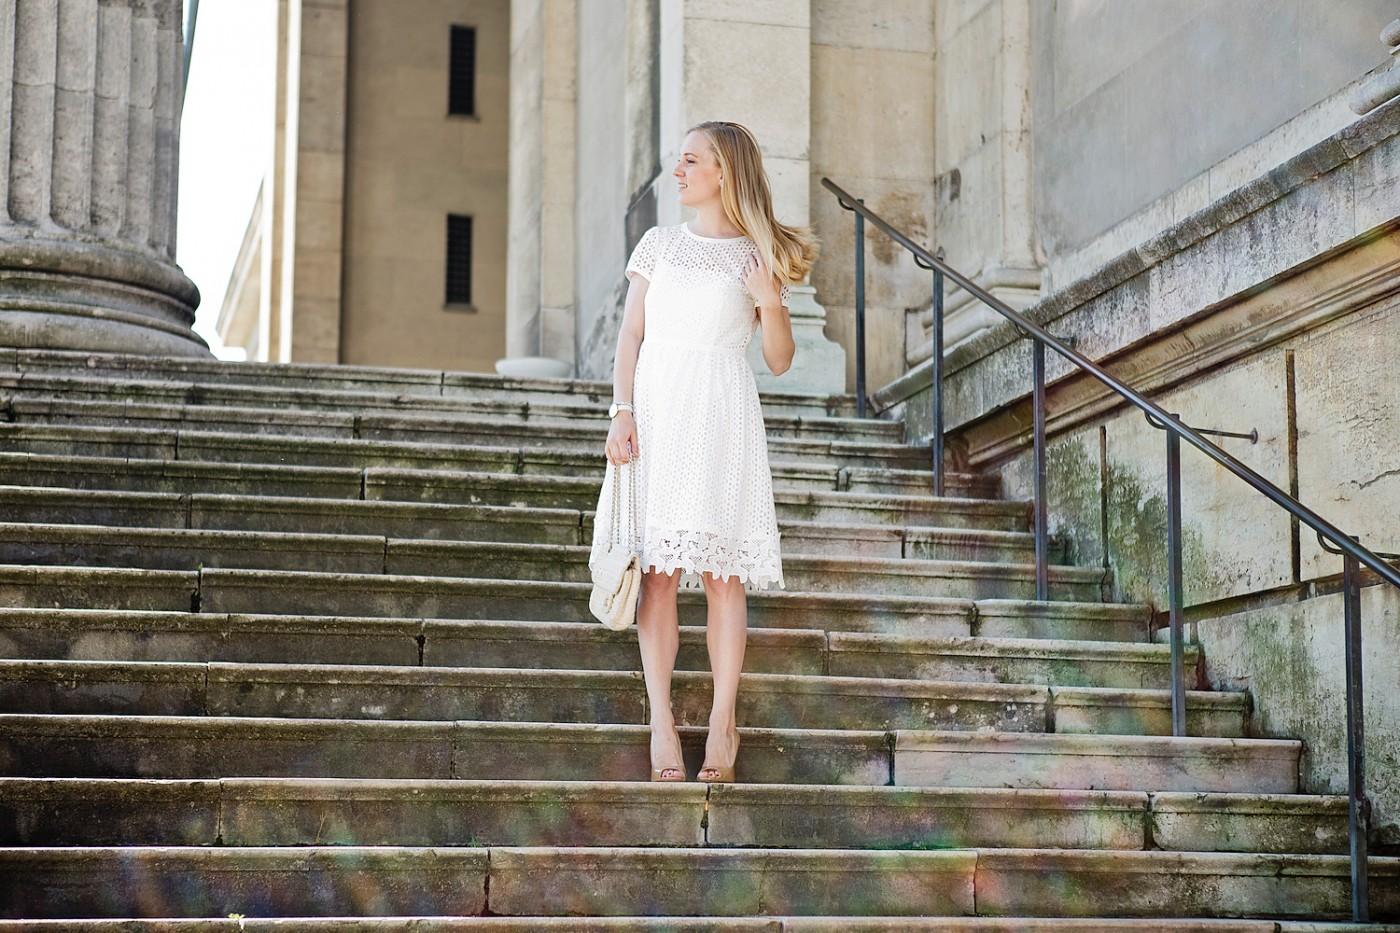 weißes Spitzenkleid hallhuber giuseppe zanotti high heels